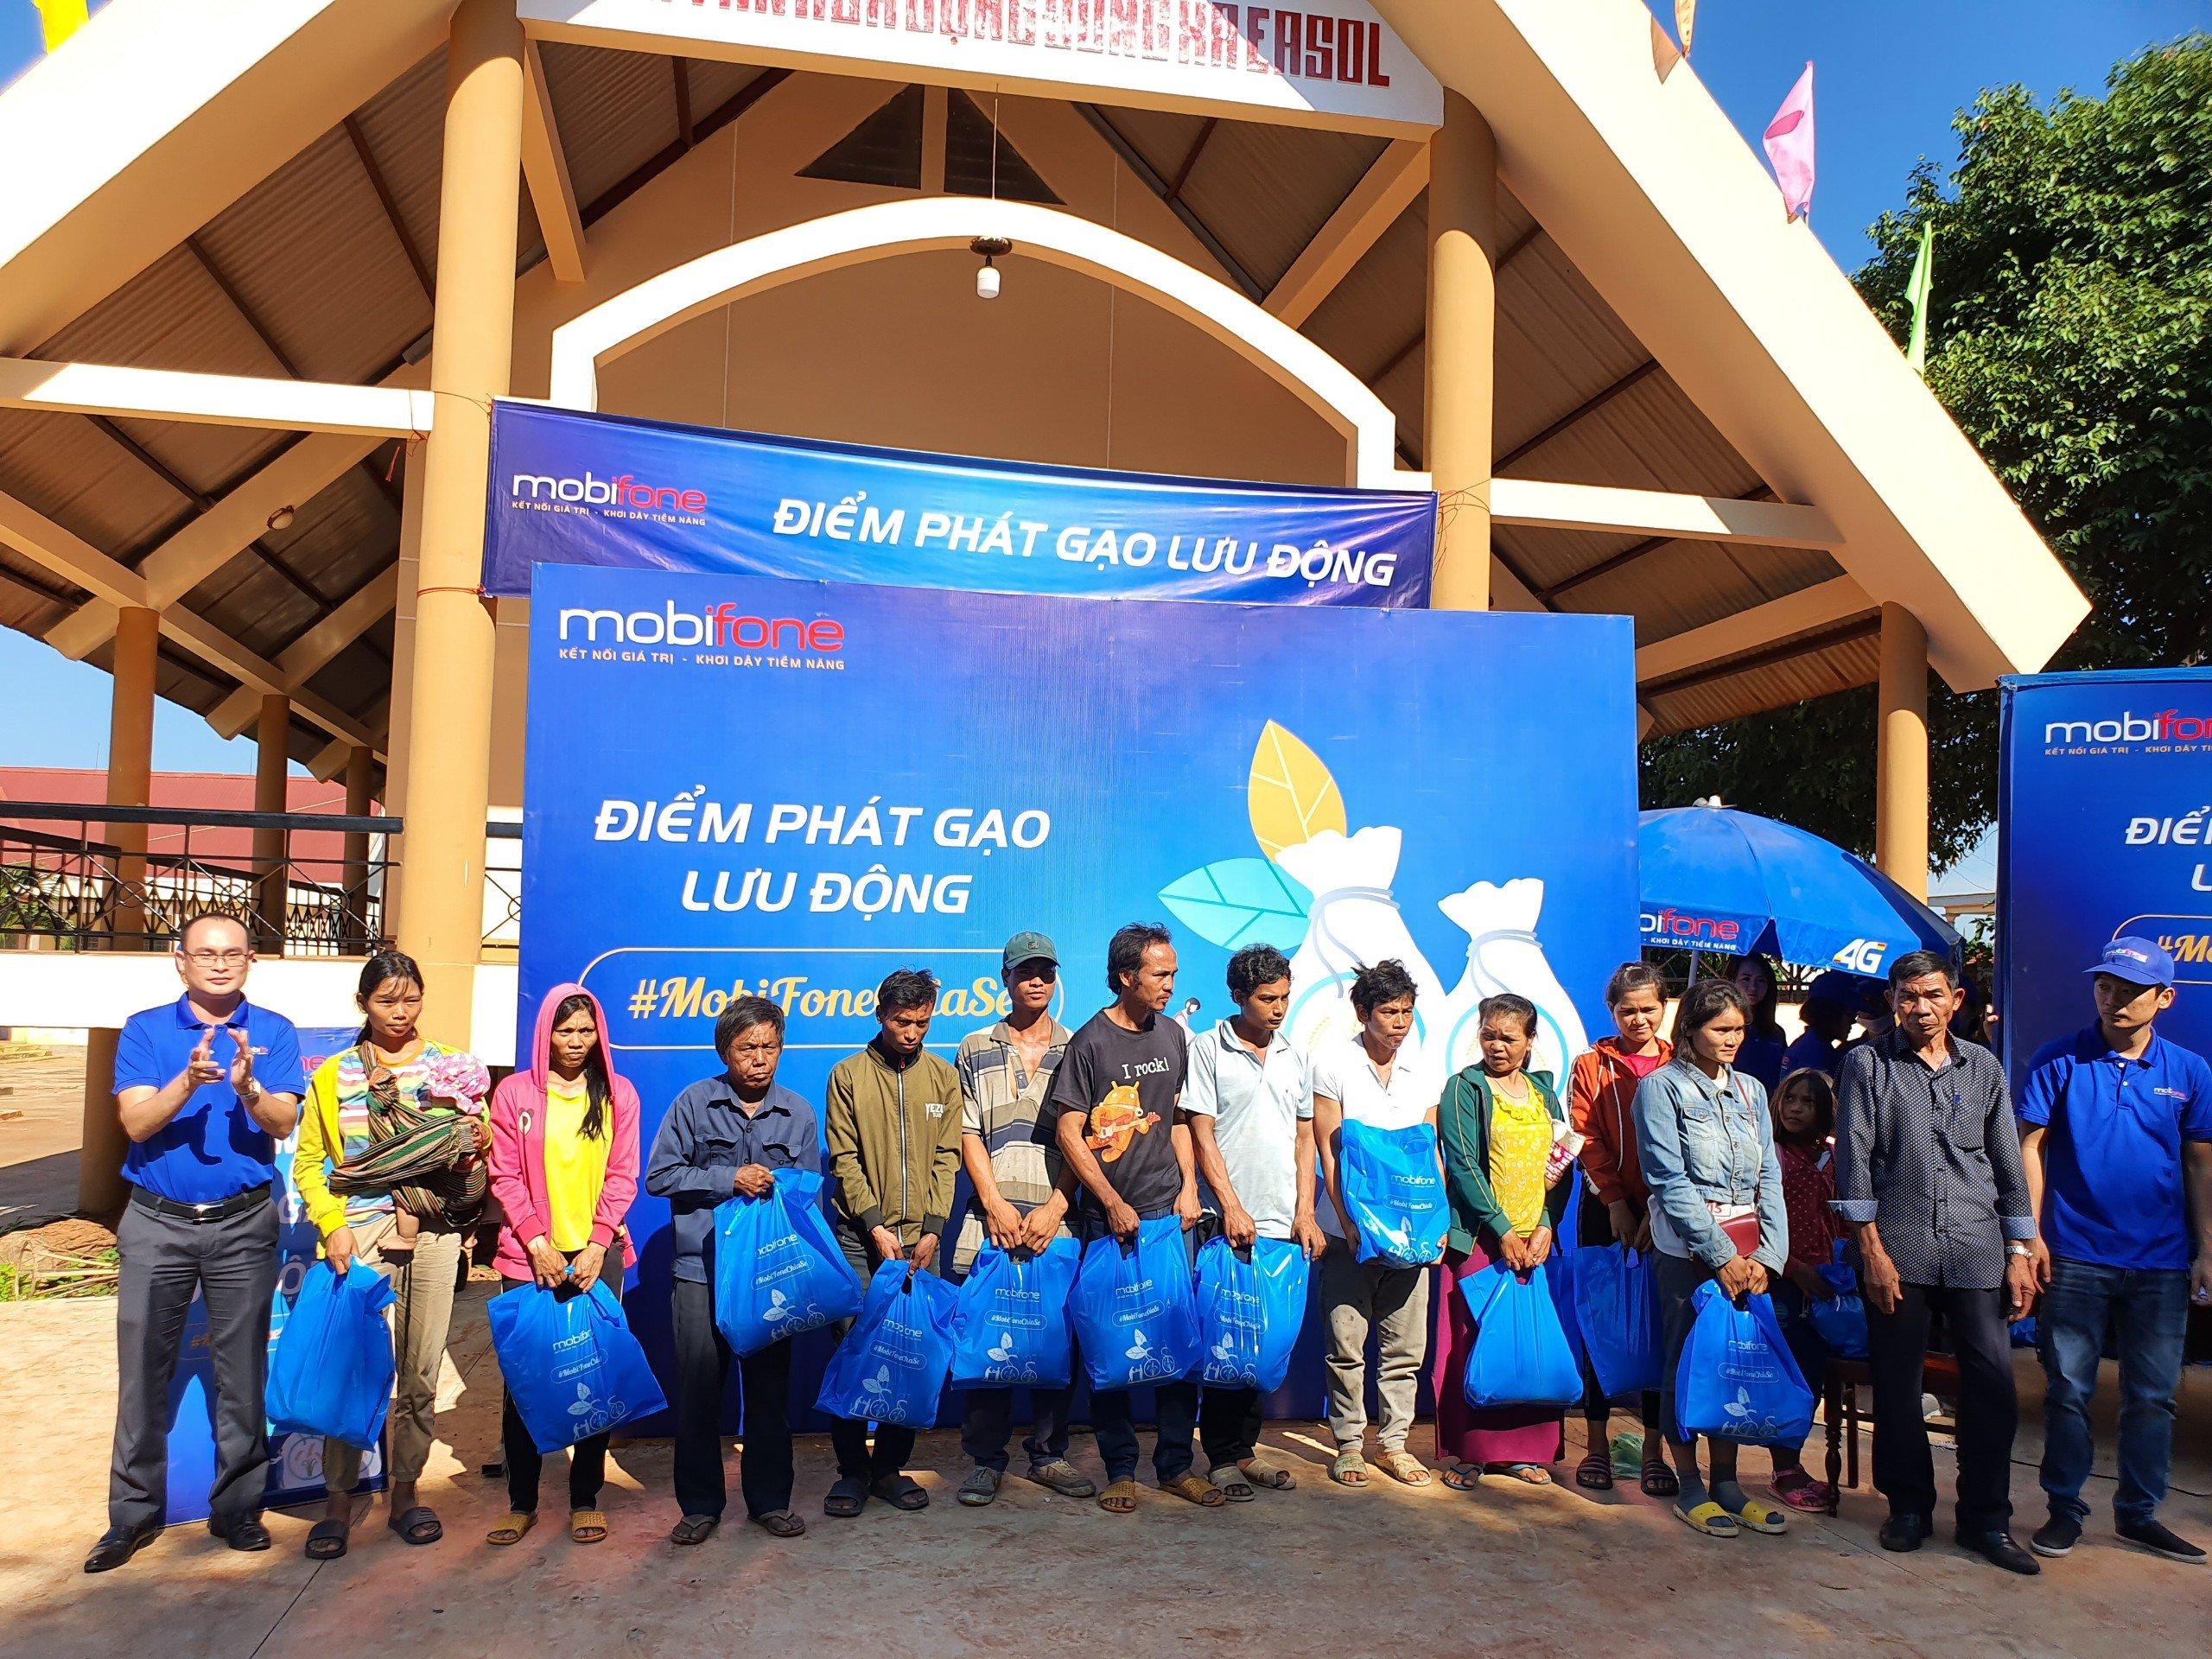 Mobifone sẽ hỗ trợ 1000 túi an sinh xã hội tại Đắk Lắk